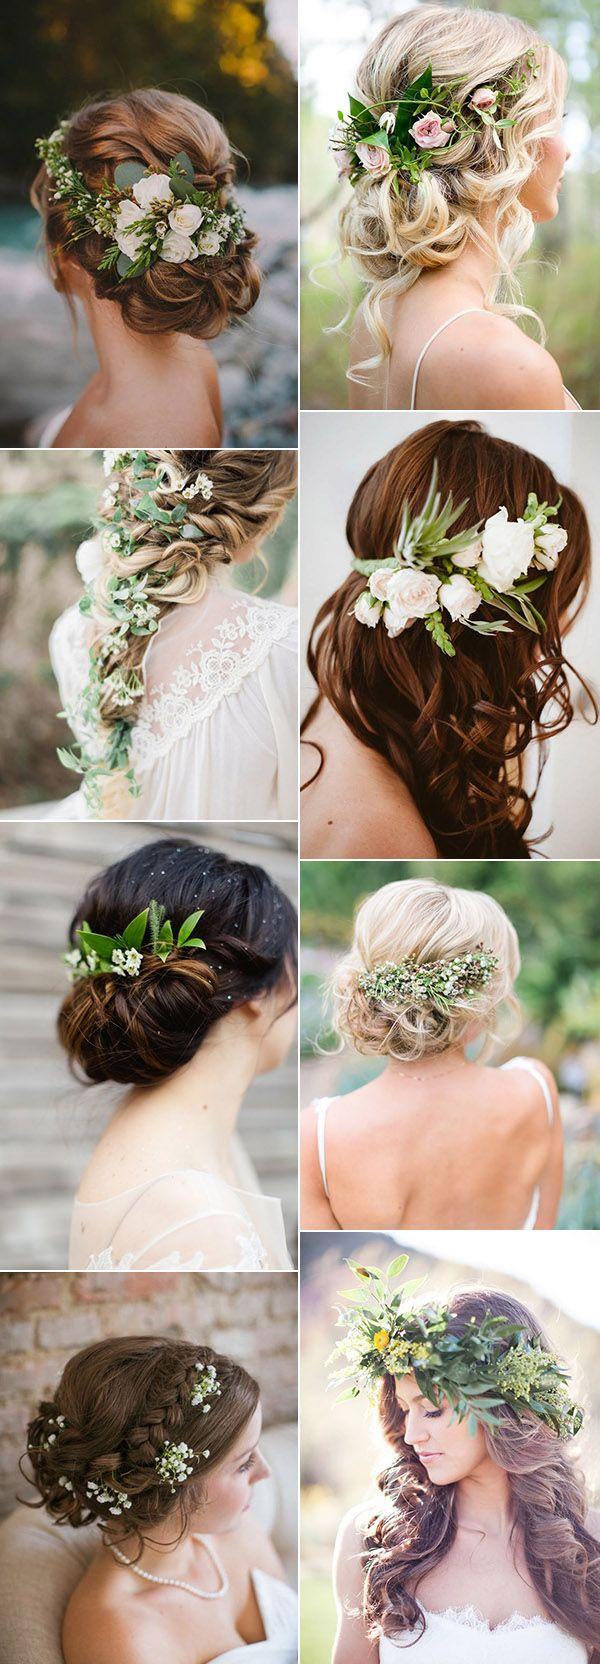 bohemian wedding ideas - diy boho chic wedding | fashion: hair ideas